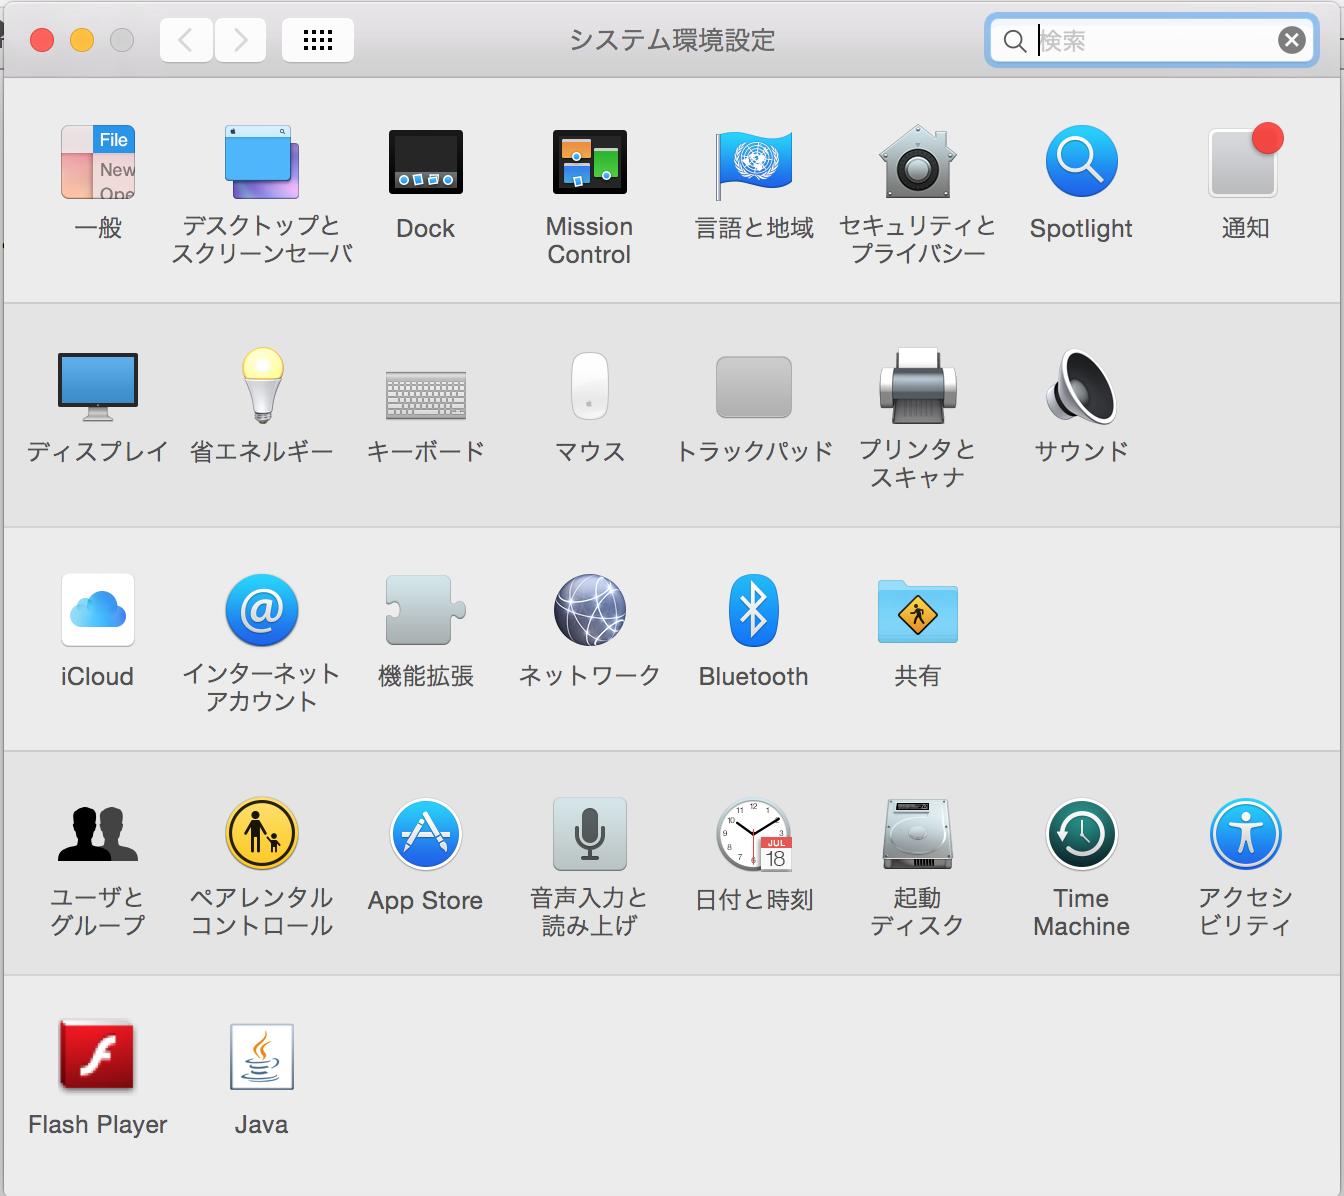 Macのシステム環境設定の画面。アイコンがずらーっと並んでいます